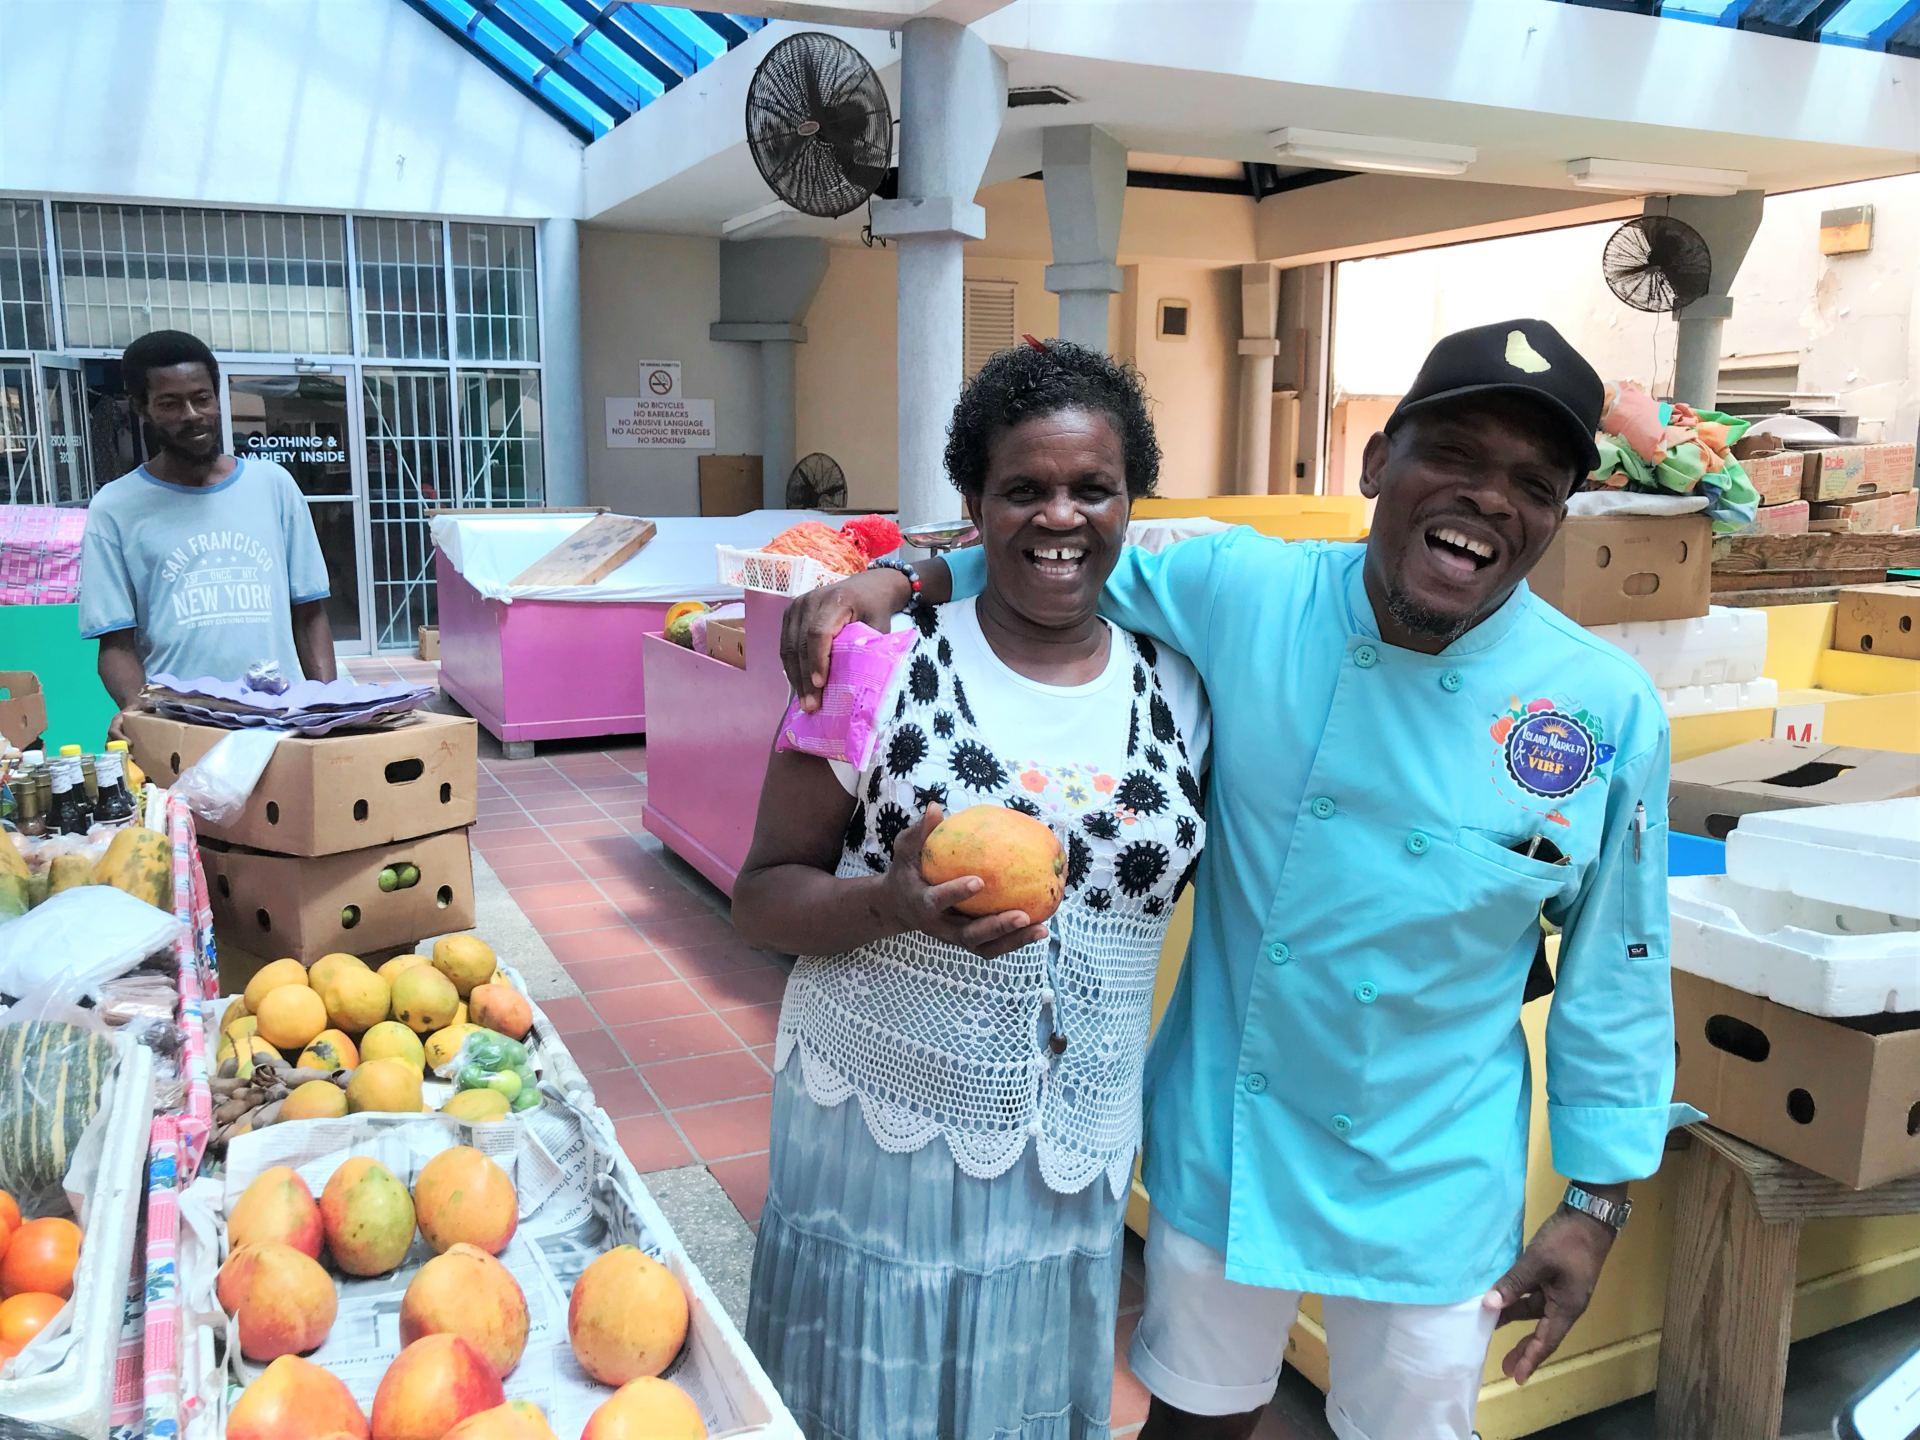 Awesome Barbados Food Tour and a David Beckham Story